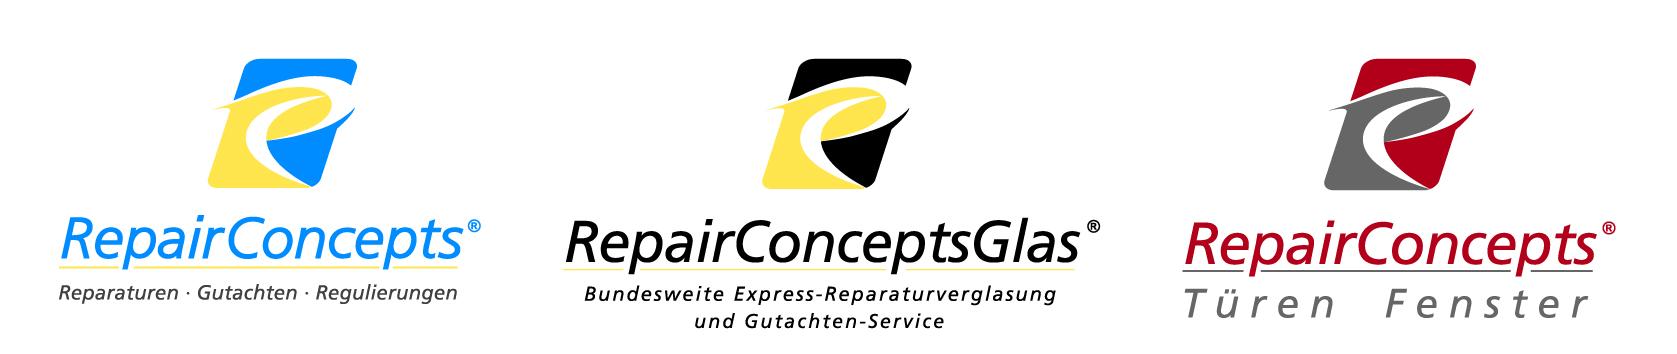 Logo RepairConcepts